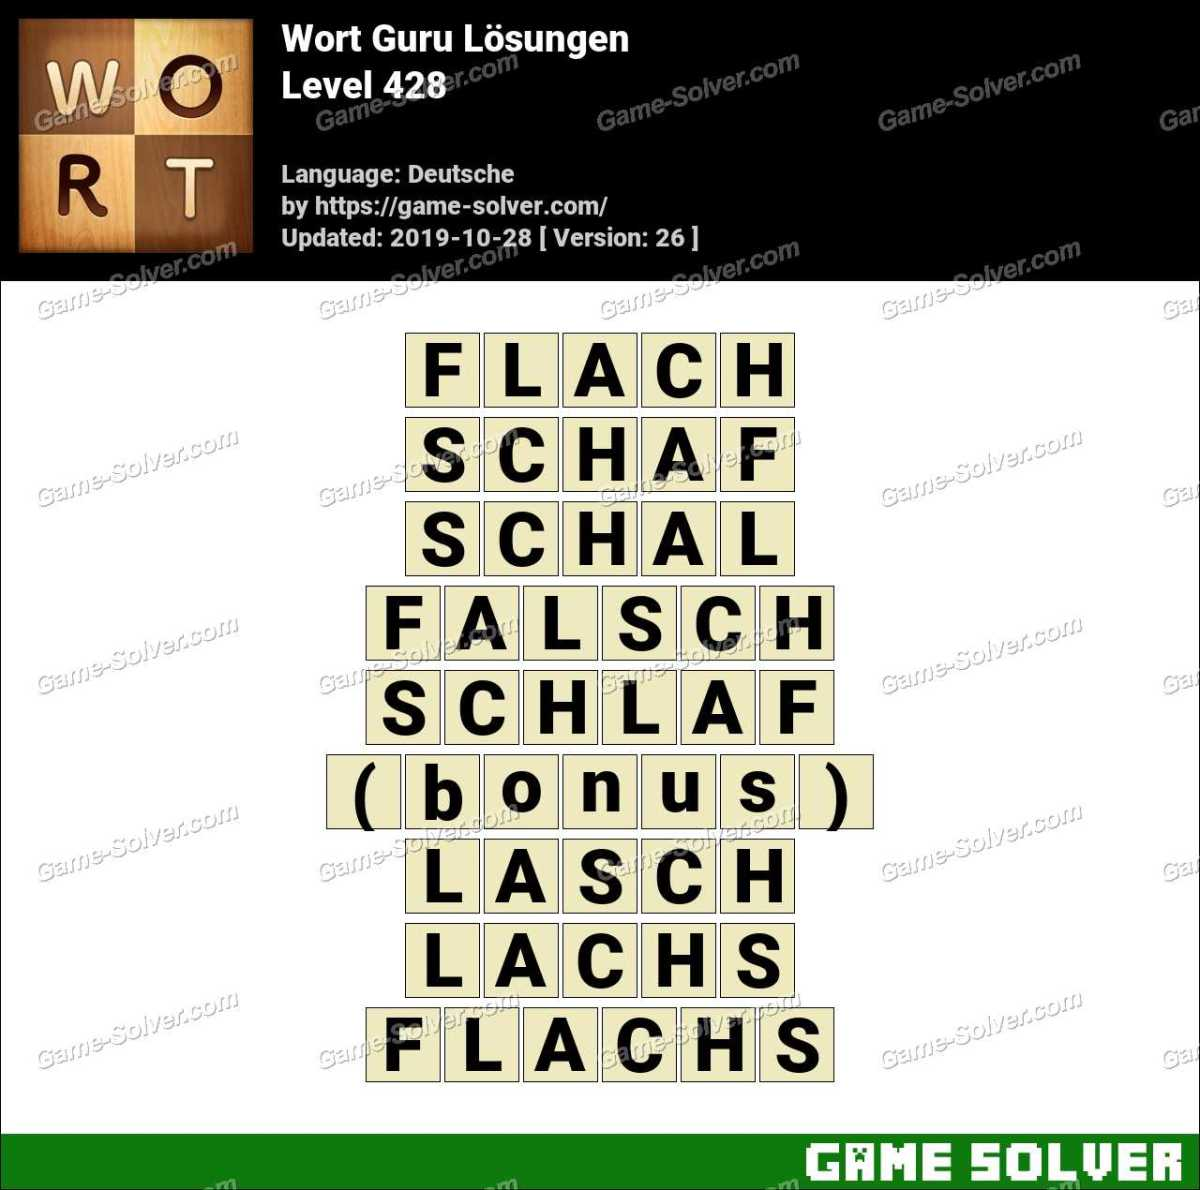 Wort Guru Level 428 Lösungen